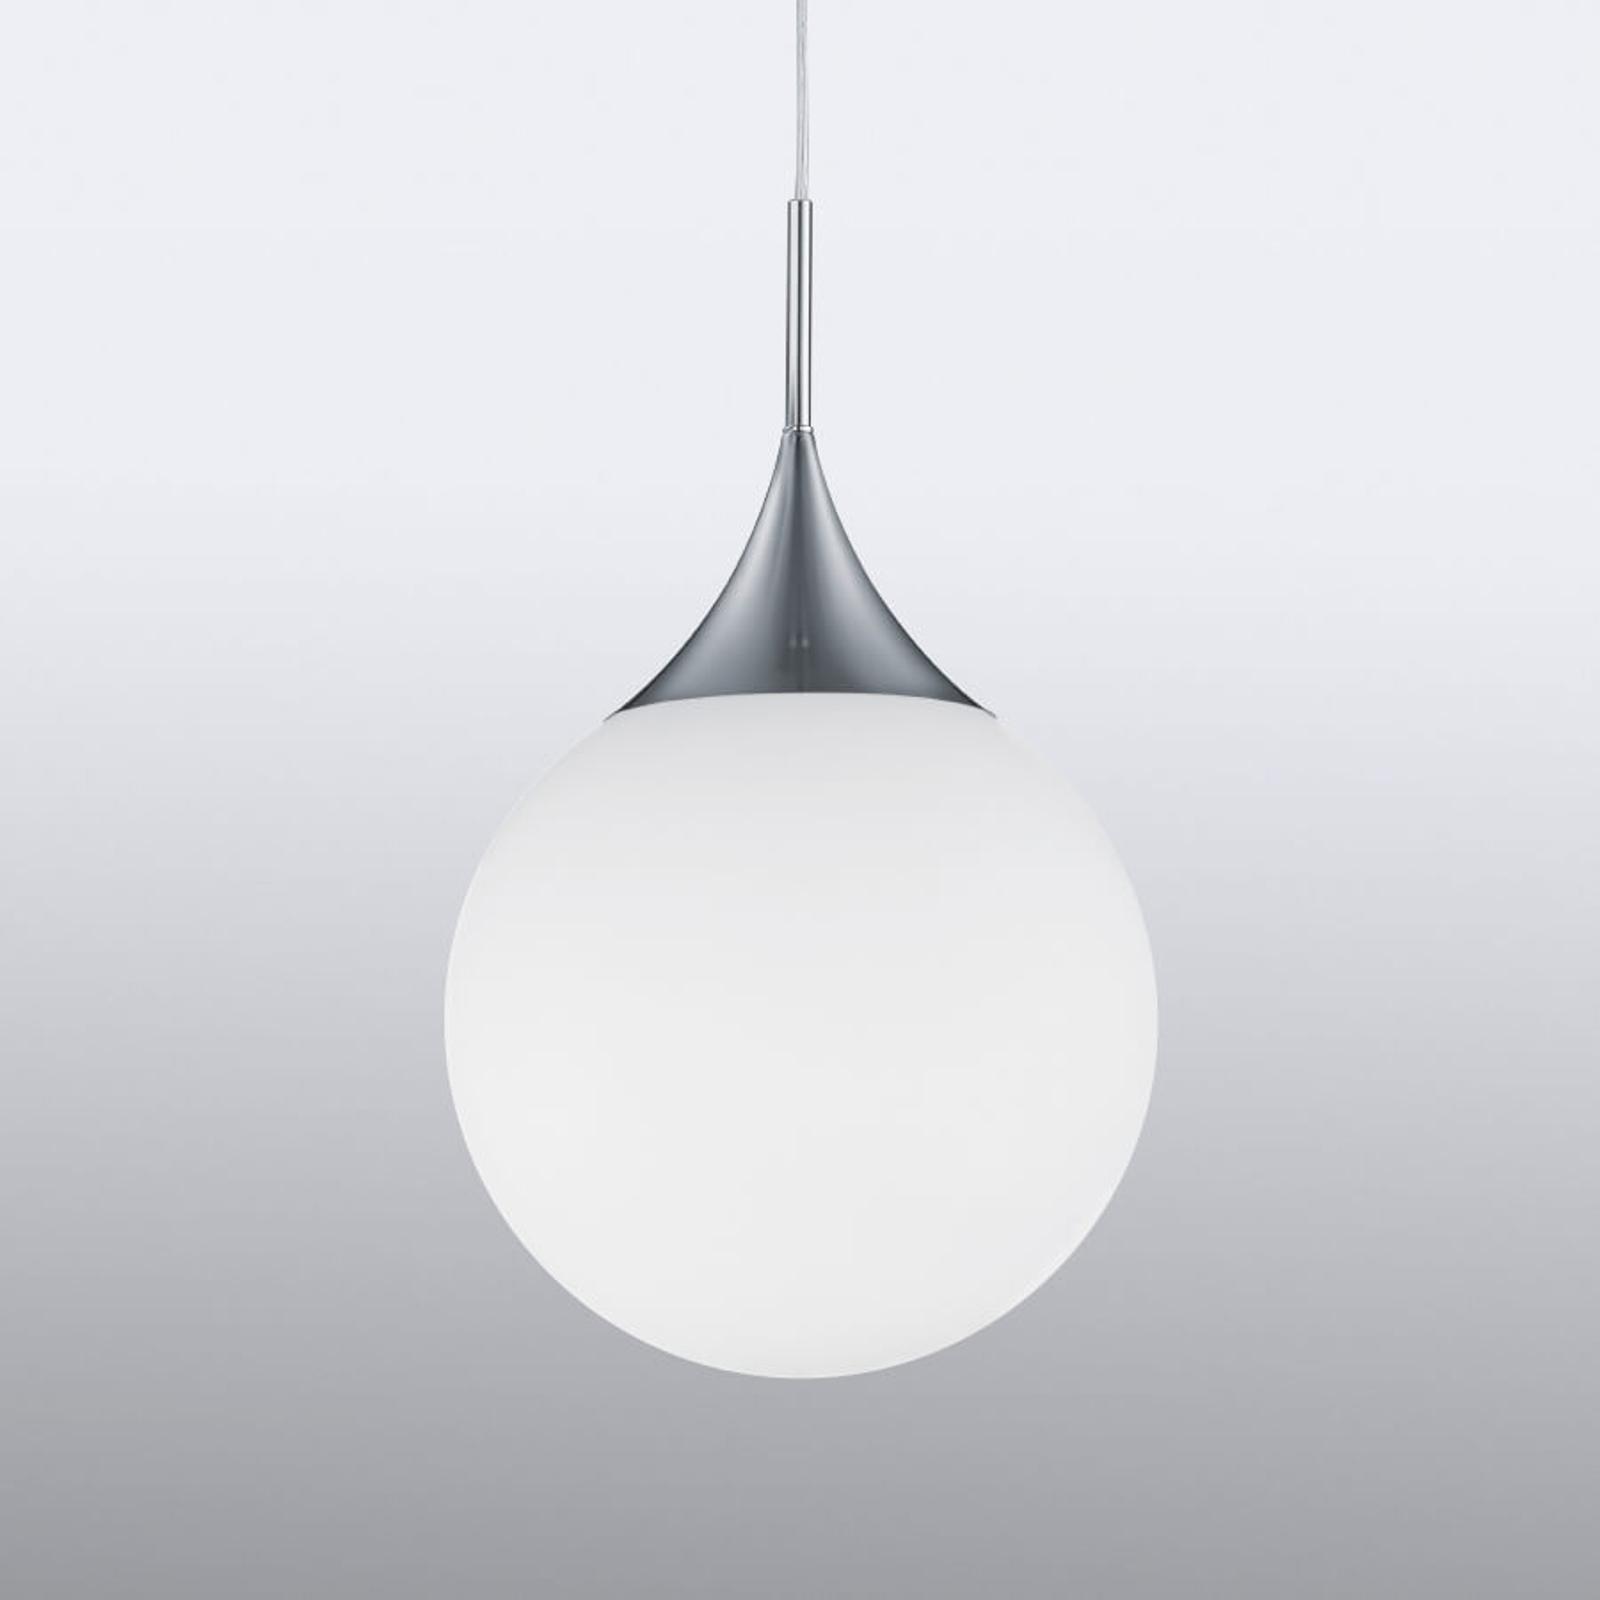 Hängeleuchte Midas aus Glas, Ø 30 cm, weiß